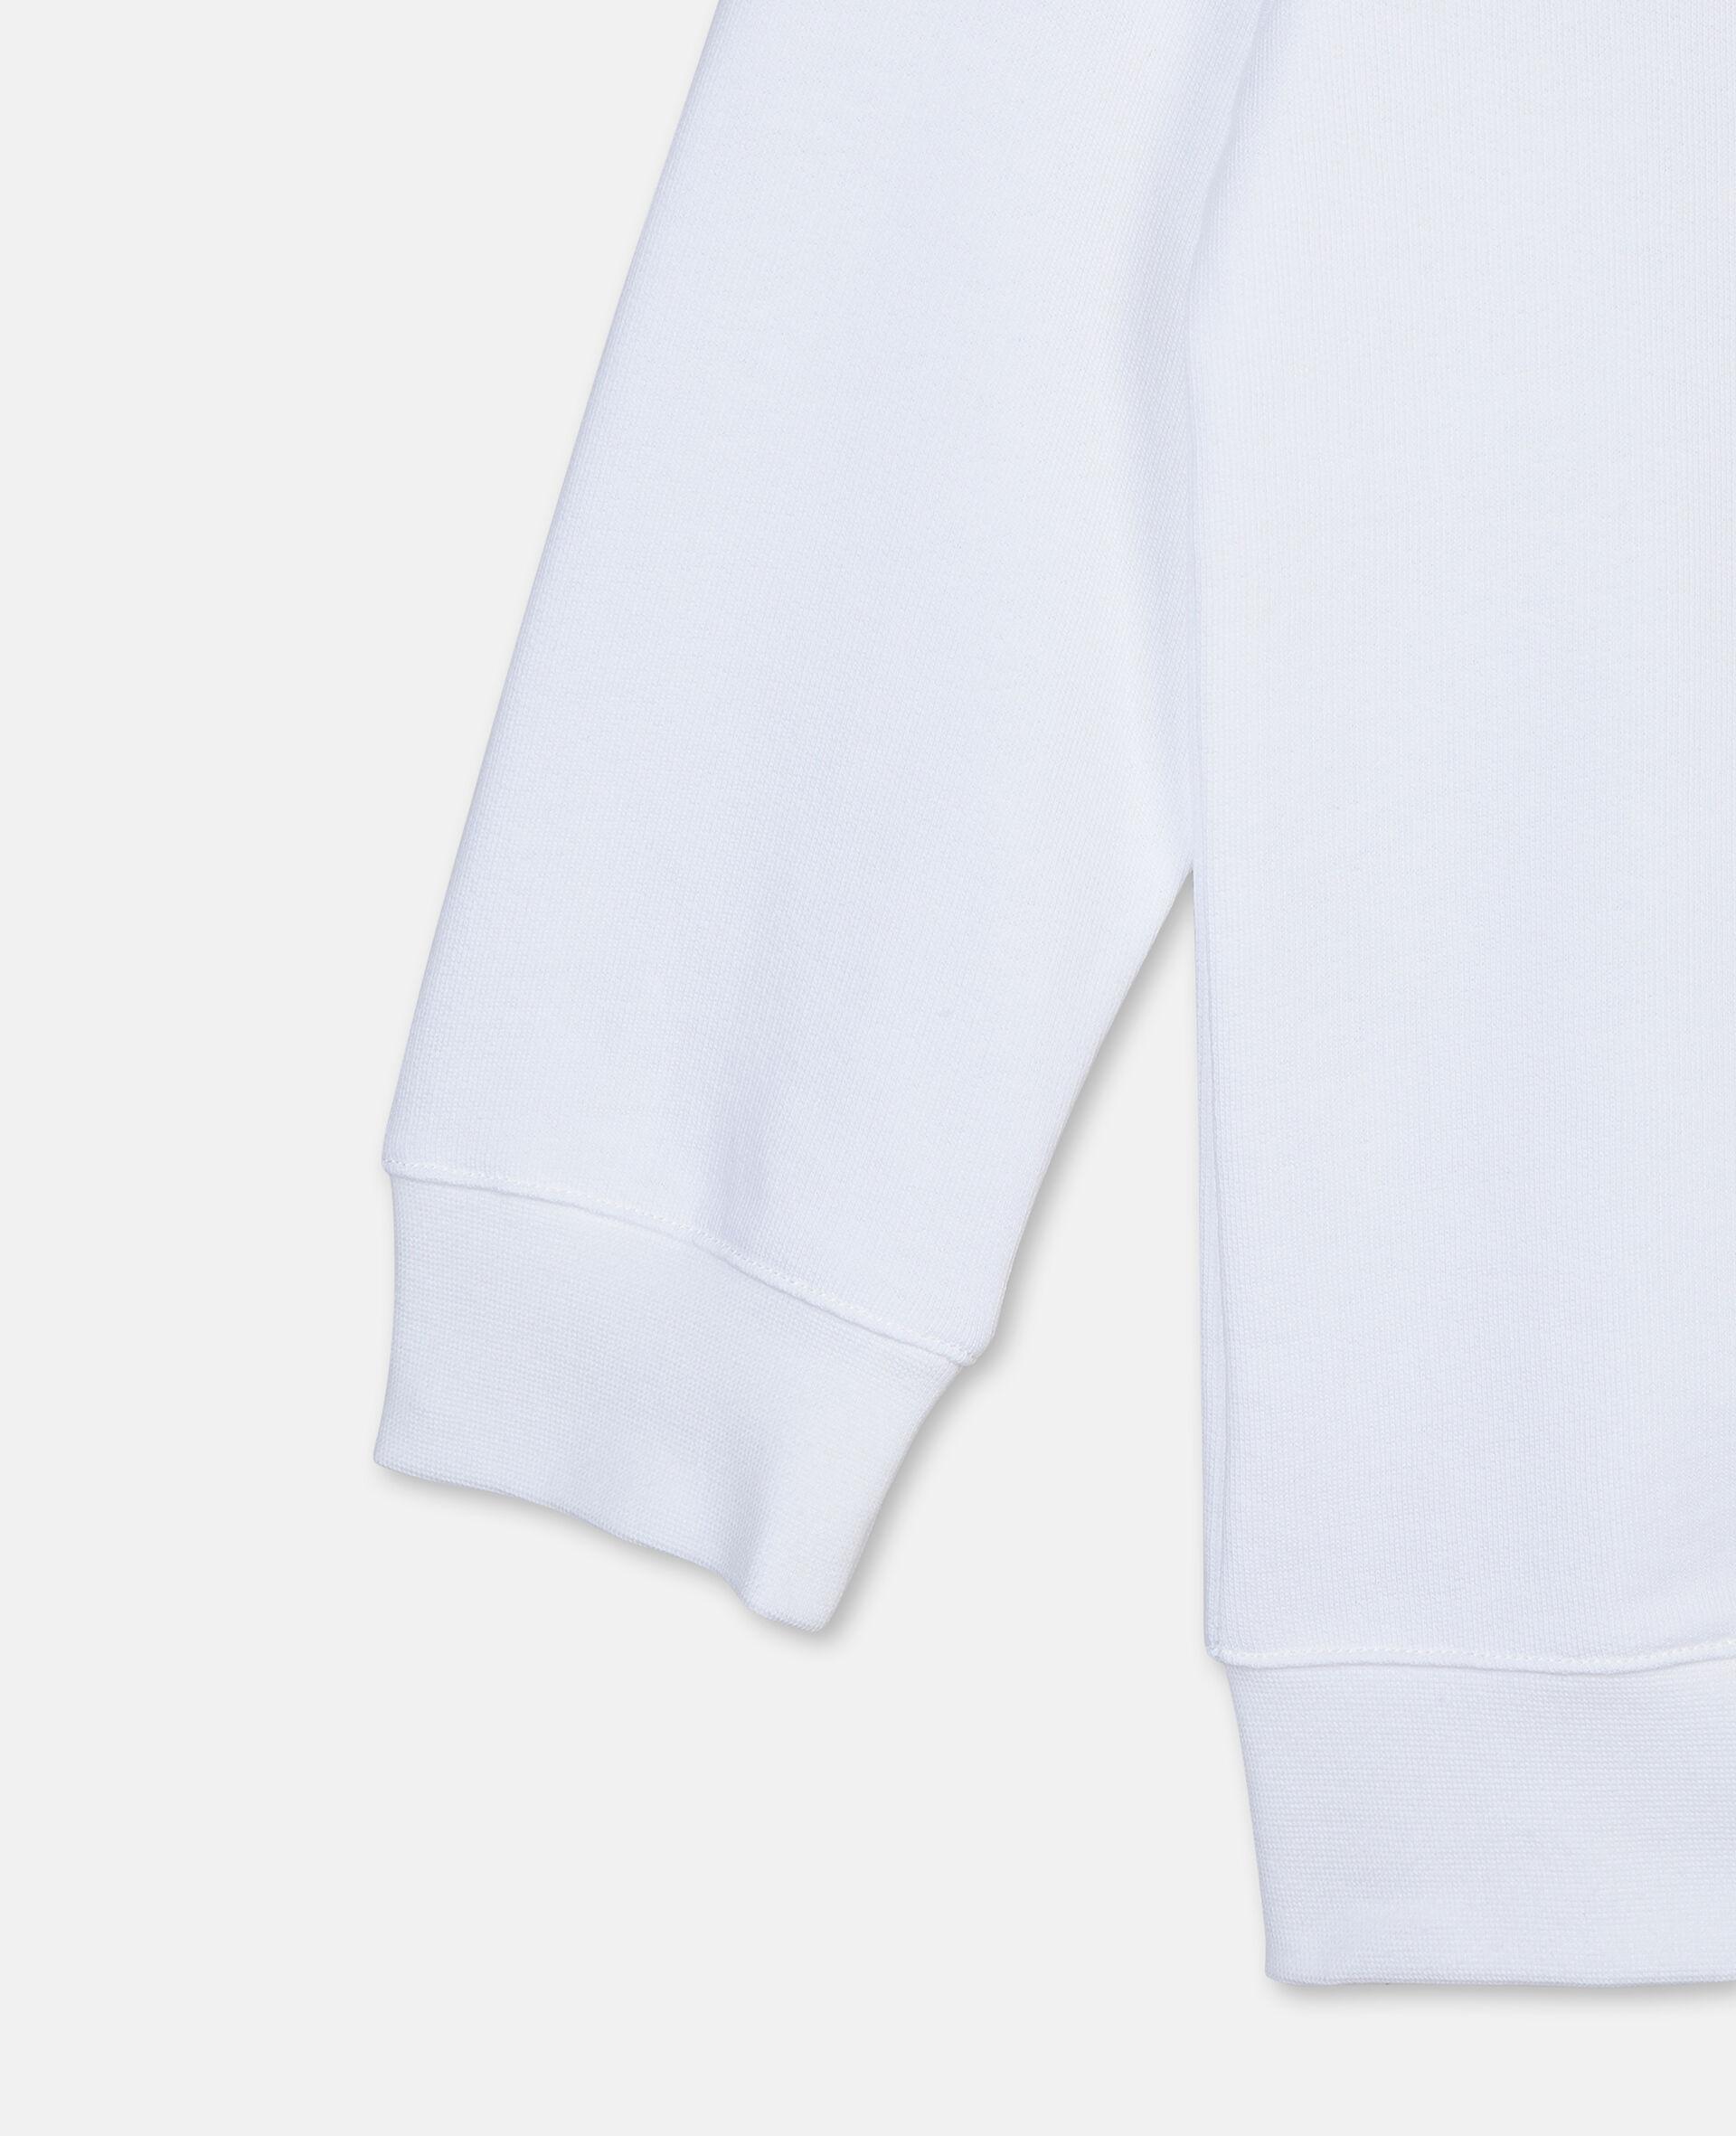 Basketball Oversize Cotton Sweatshirt -White-large image number 2